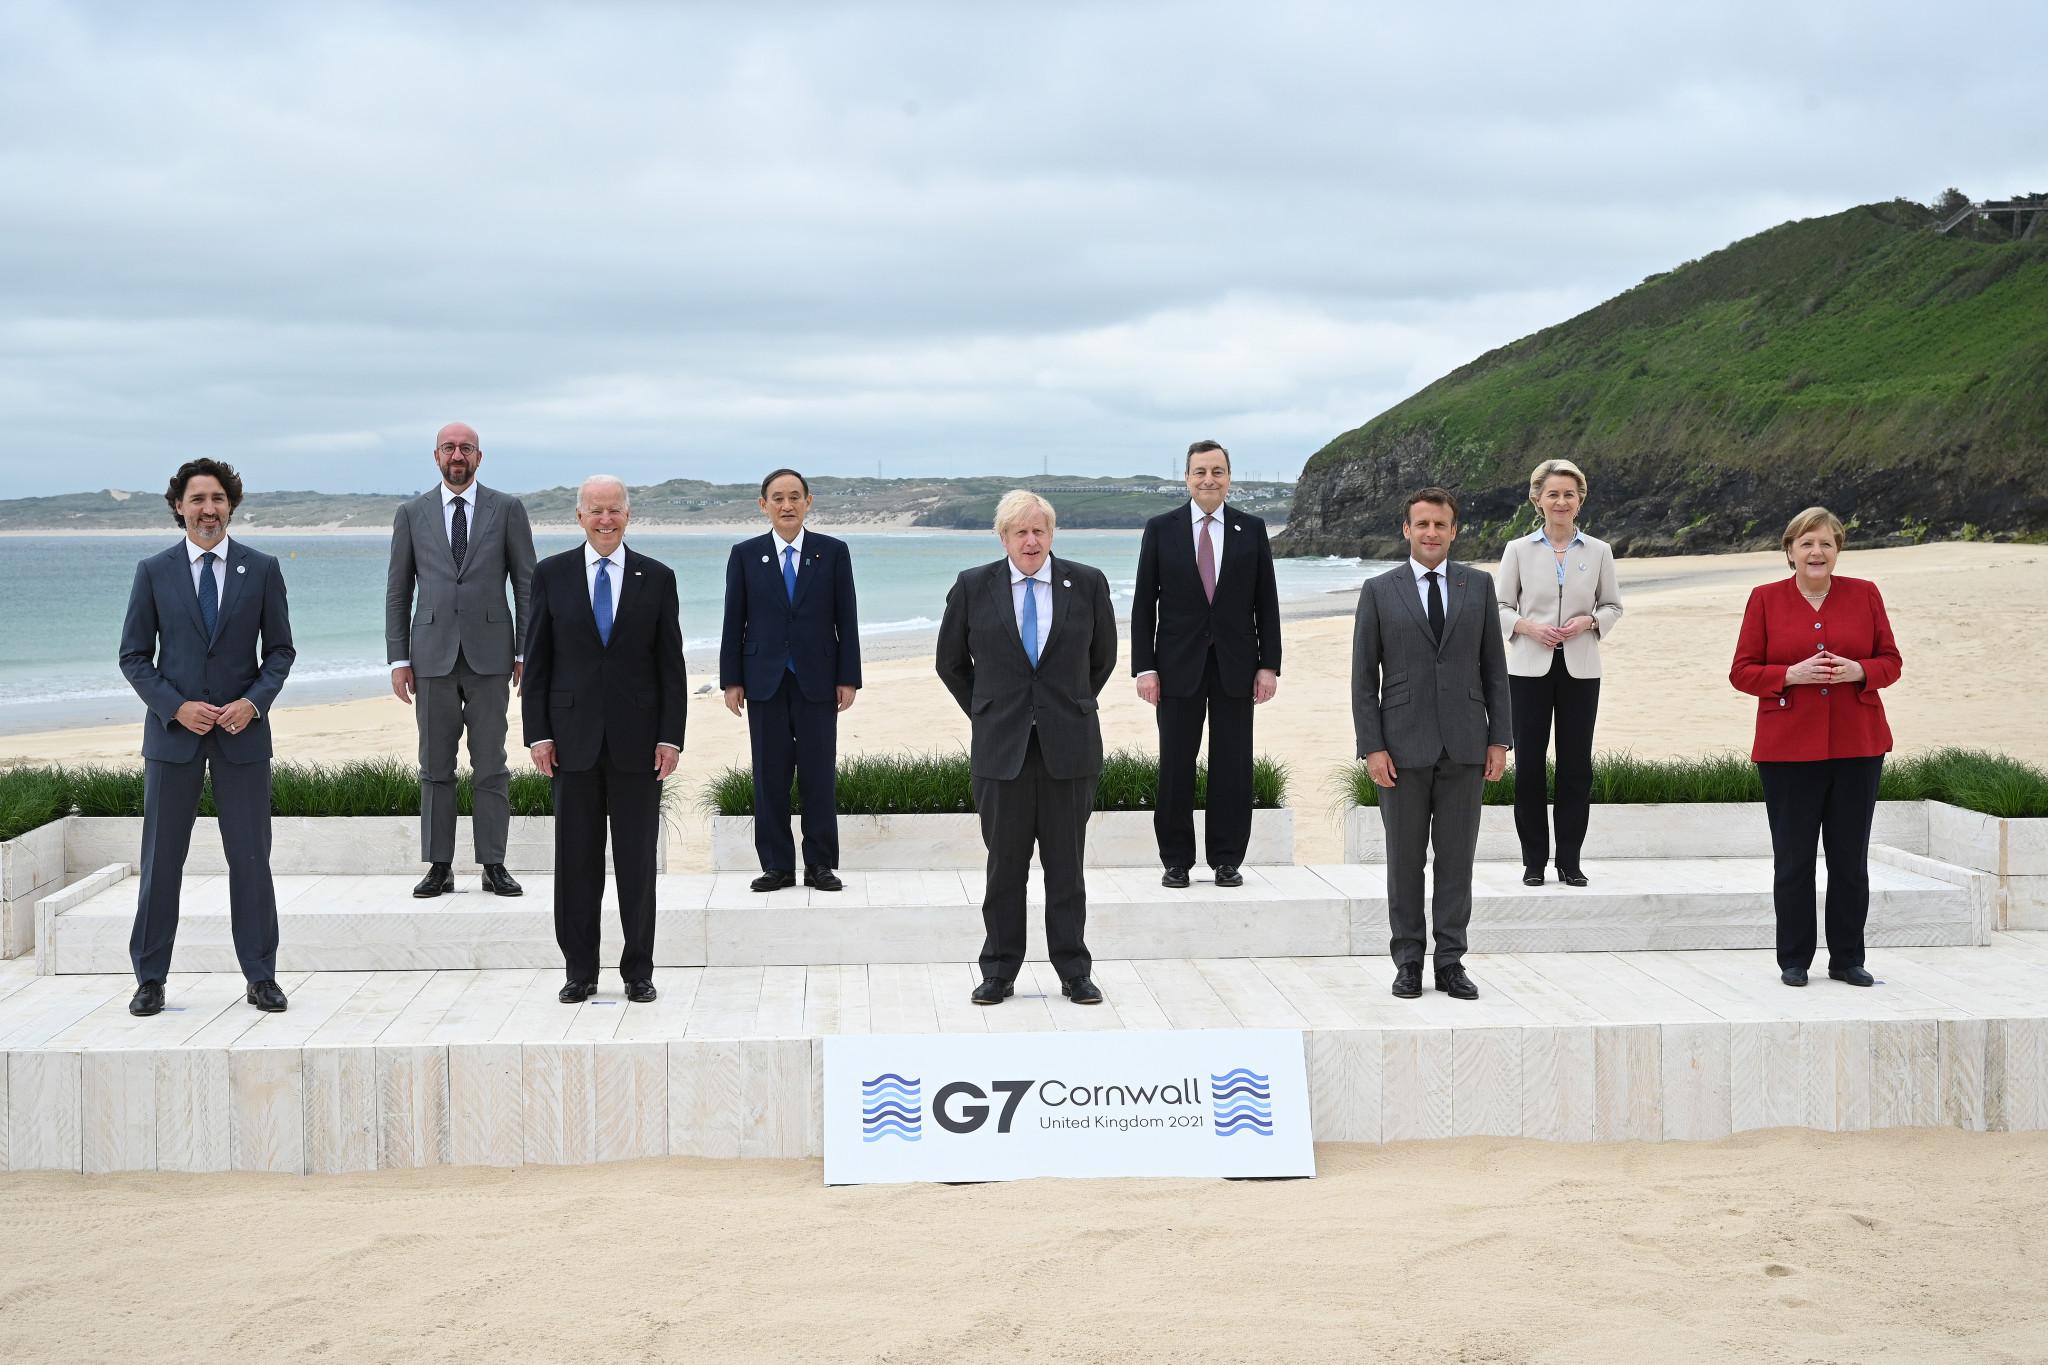 Los líderes del G7 reiteran su apoyo a los Juegos Olímpicos de Tokio 2020